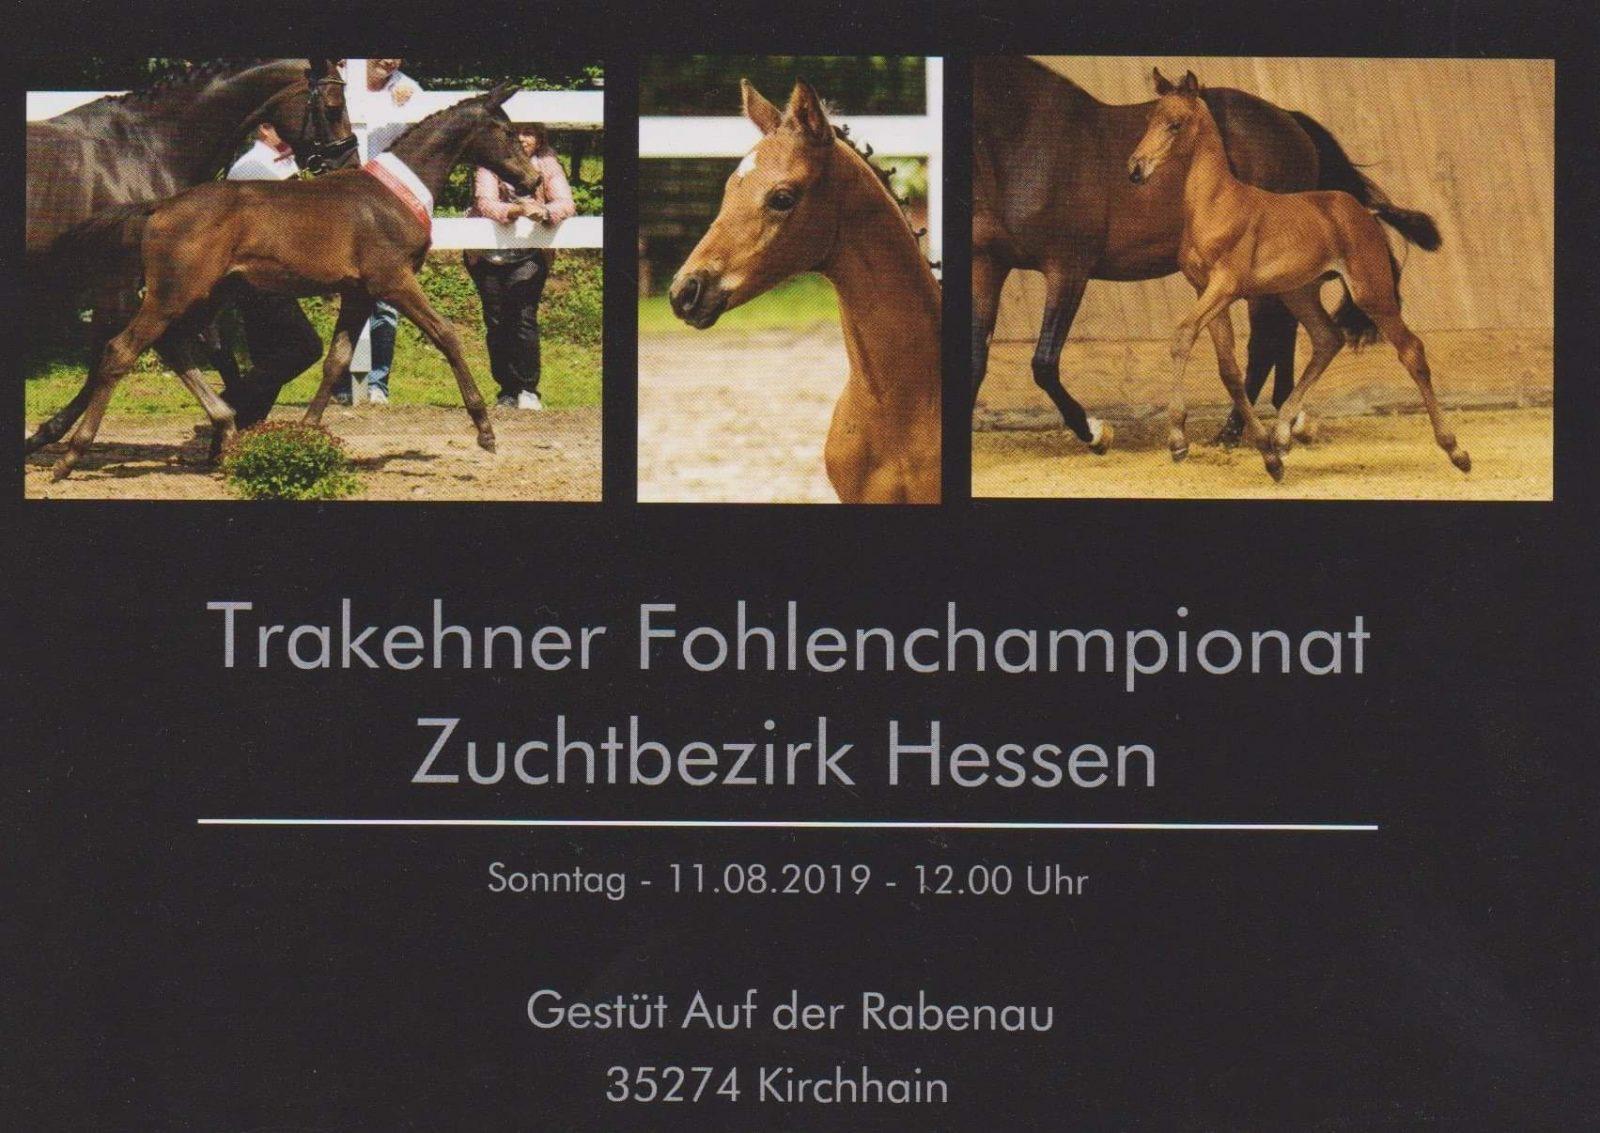 Trakehner Zuchtbezirk Hessen